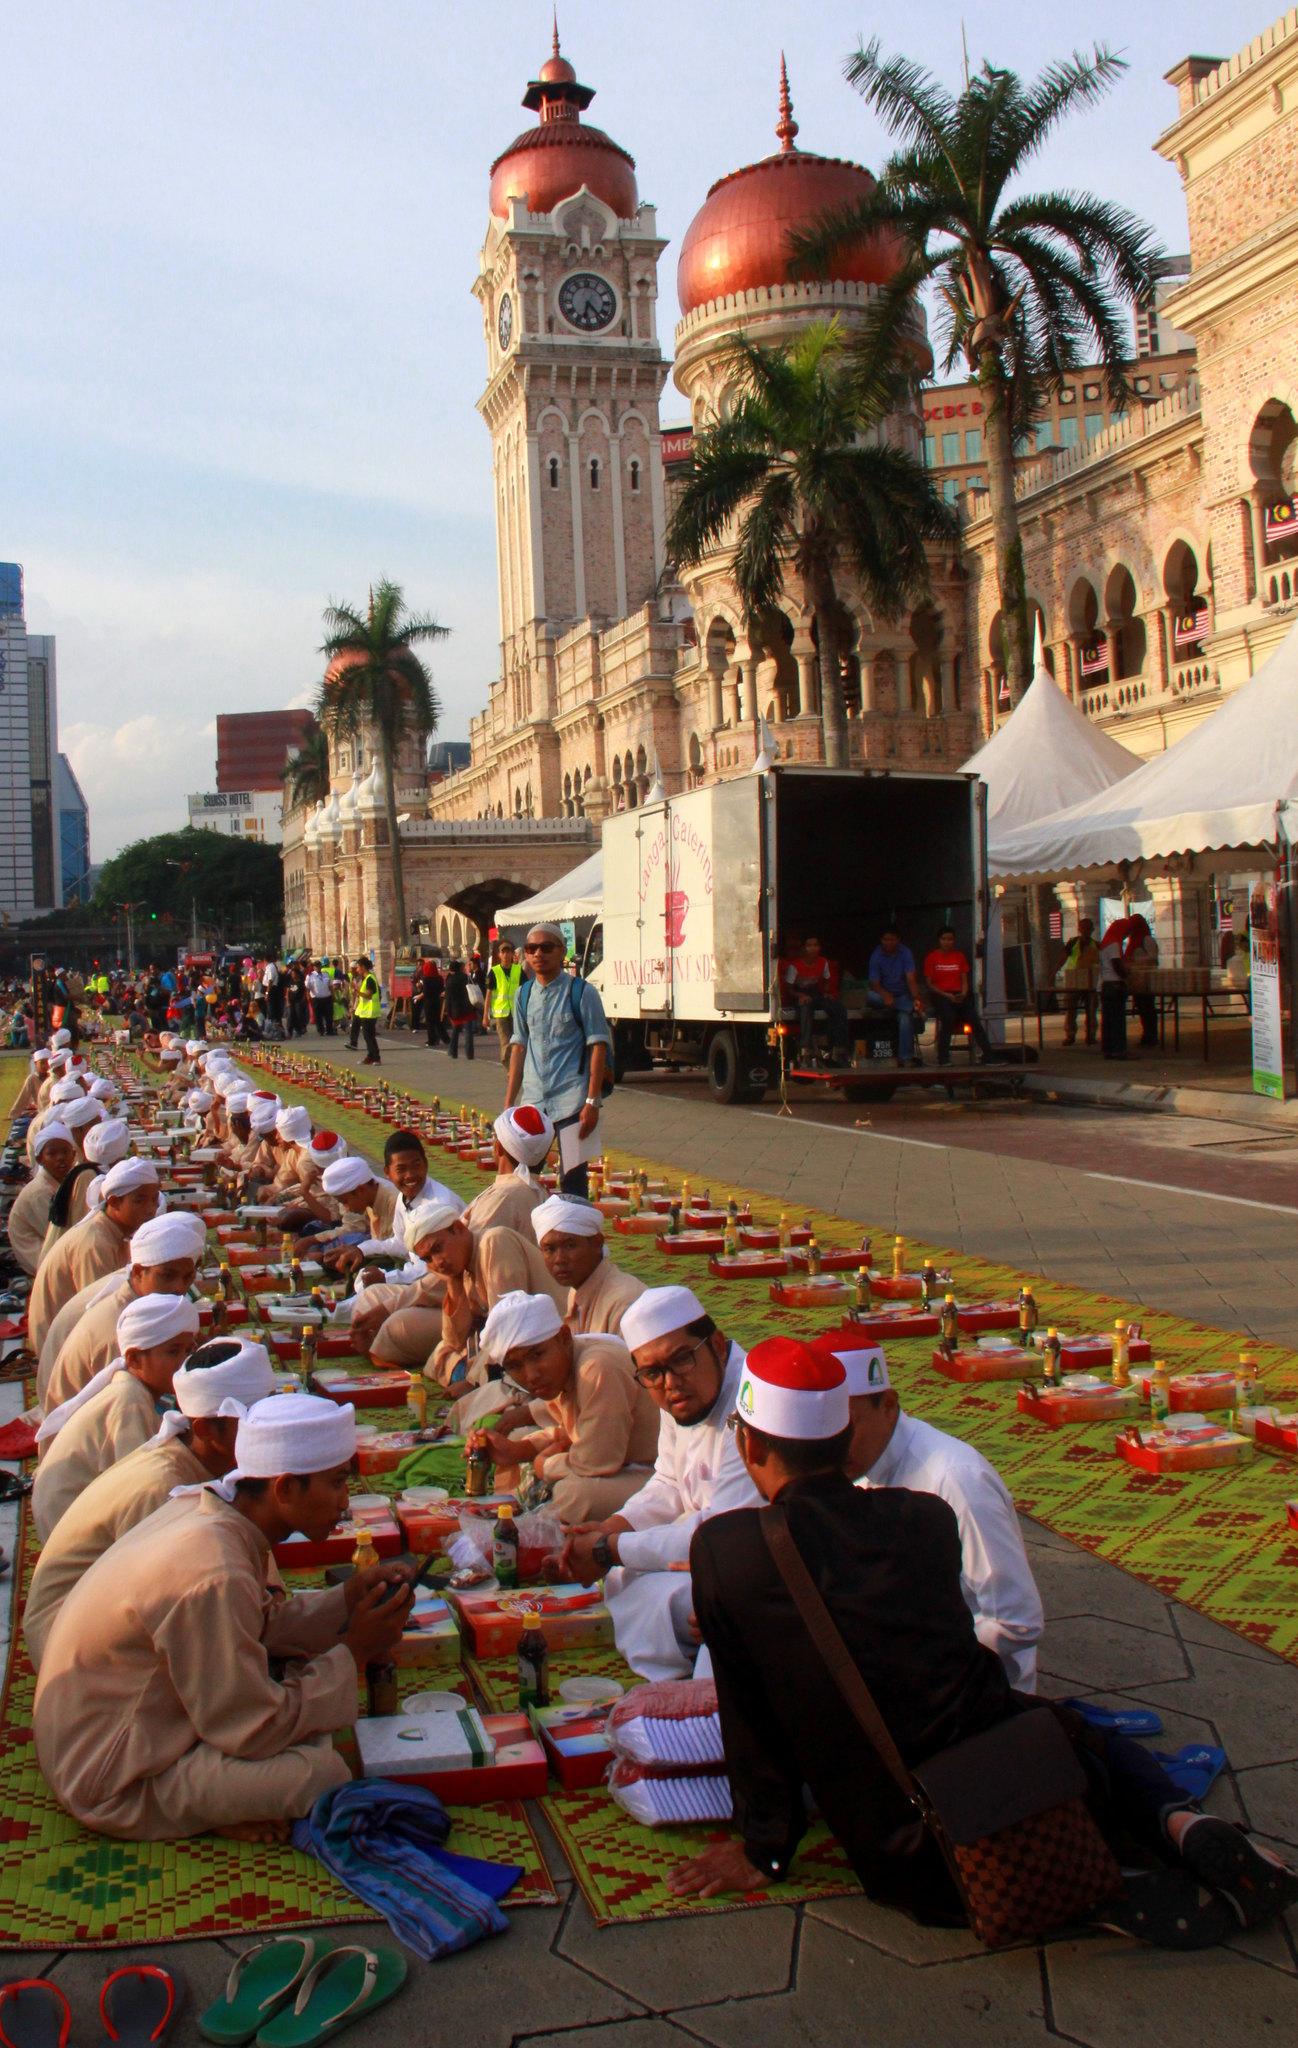 Ramadan feast at Mederka Square in Kuala Lumpur